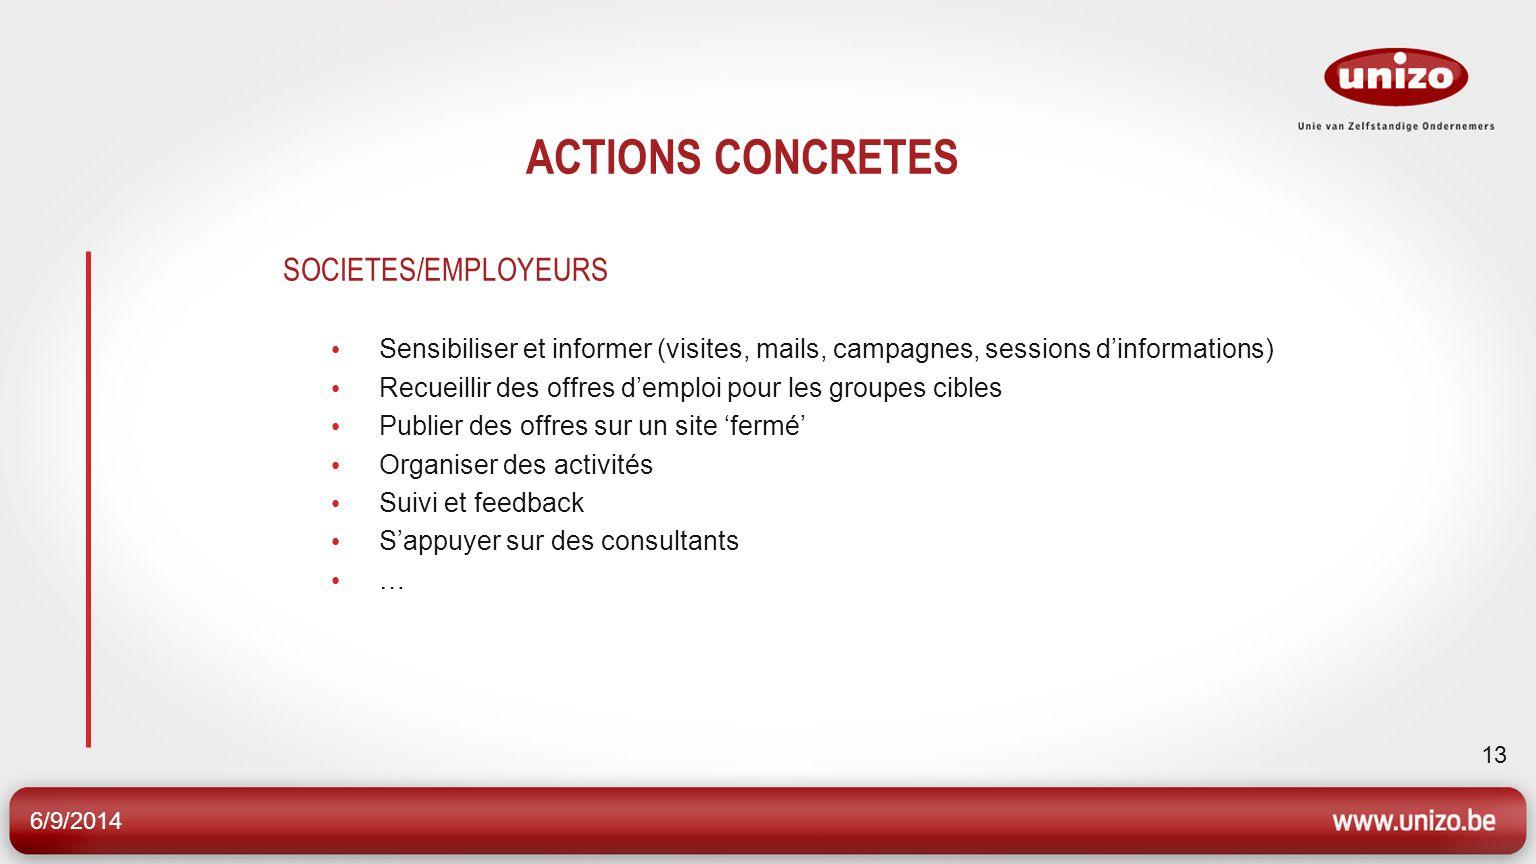 6/9/2014 13 ACTIONS CONCRETES SOCIETES/EMPLOYEURS Sensibiliser et informer (visites, mails, campagnes, sessions dinformations) Recueillir des offres d